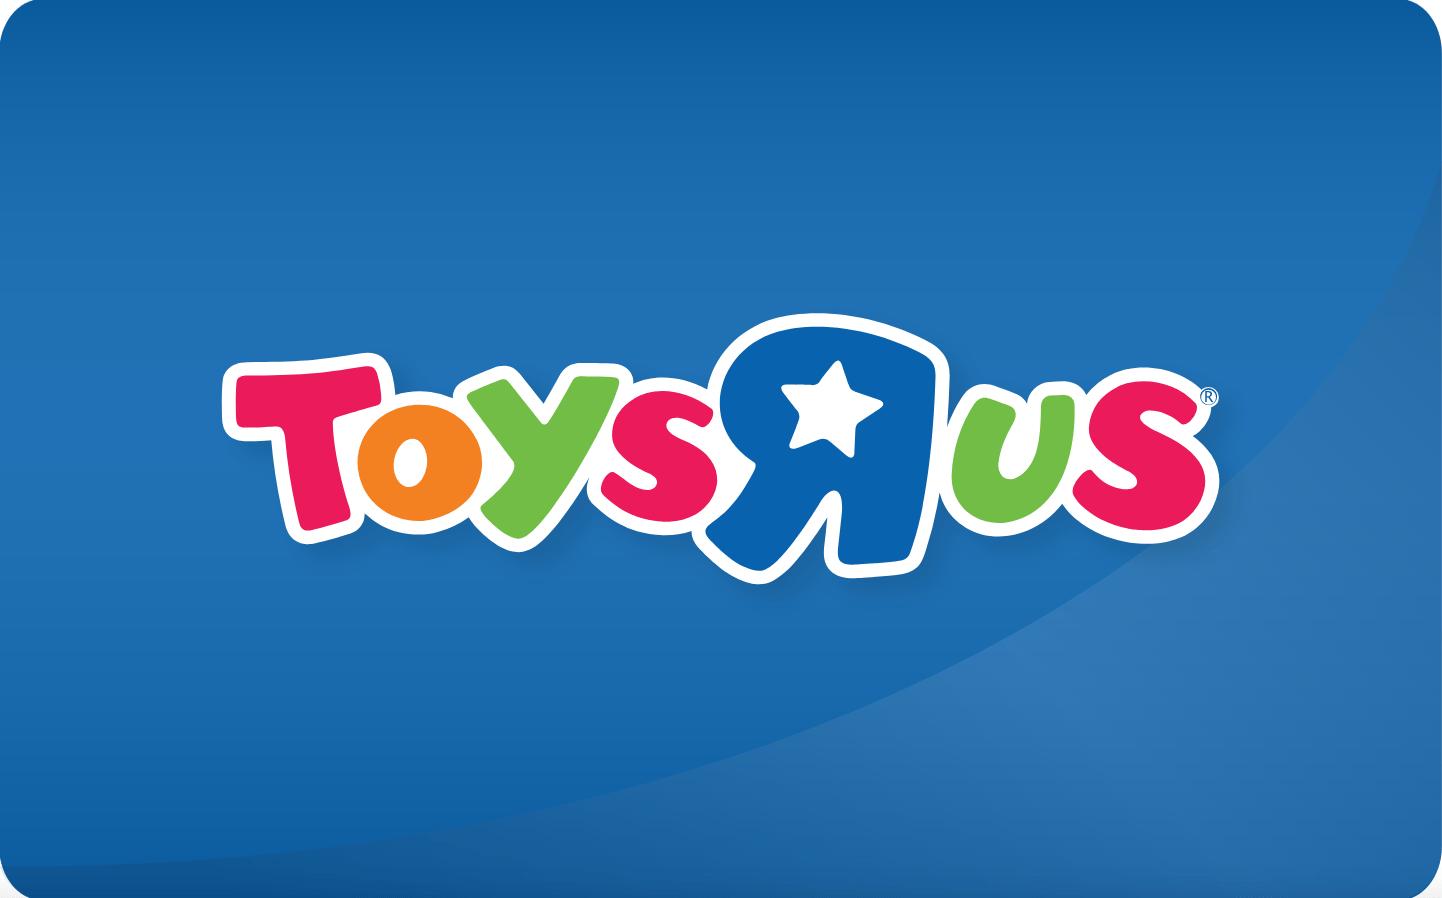 1800 toysrus